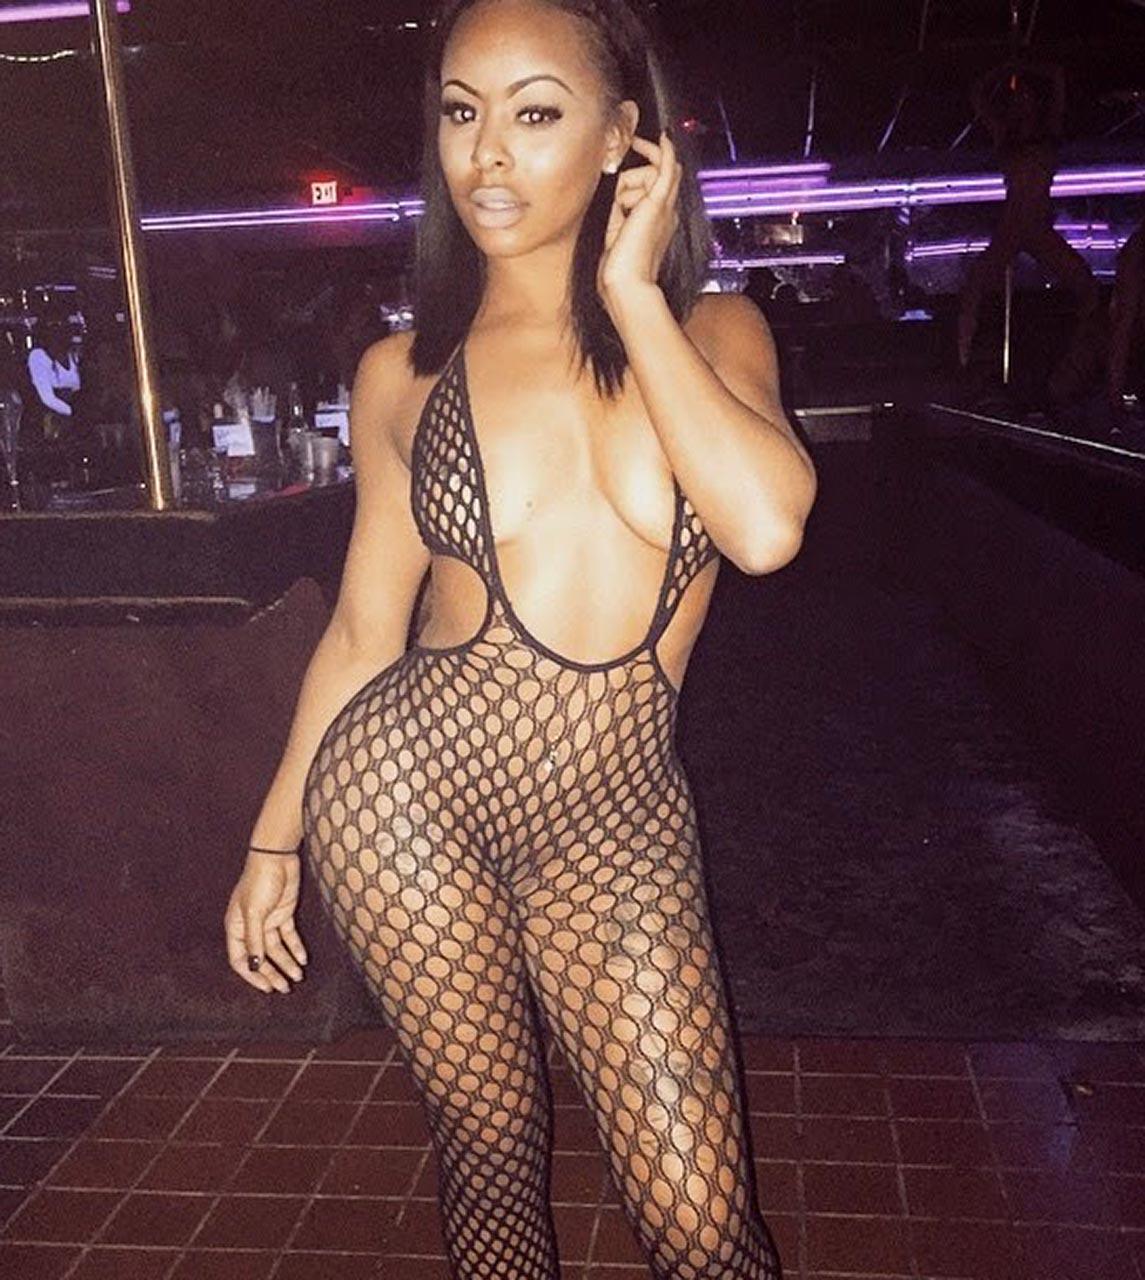 Kayden kross fucked ass